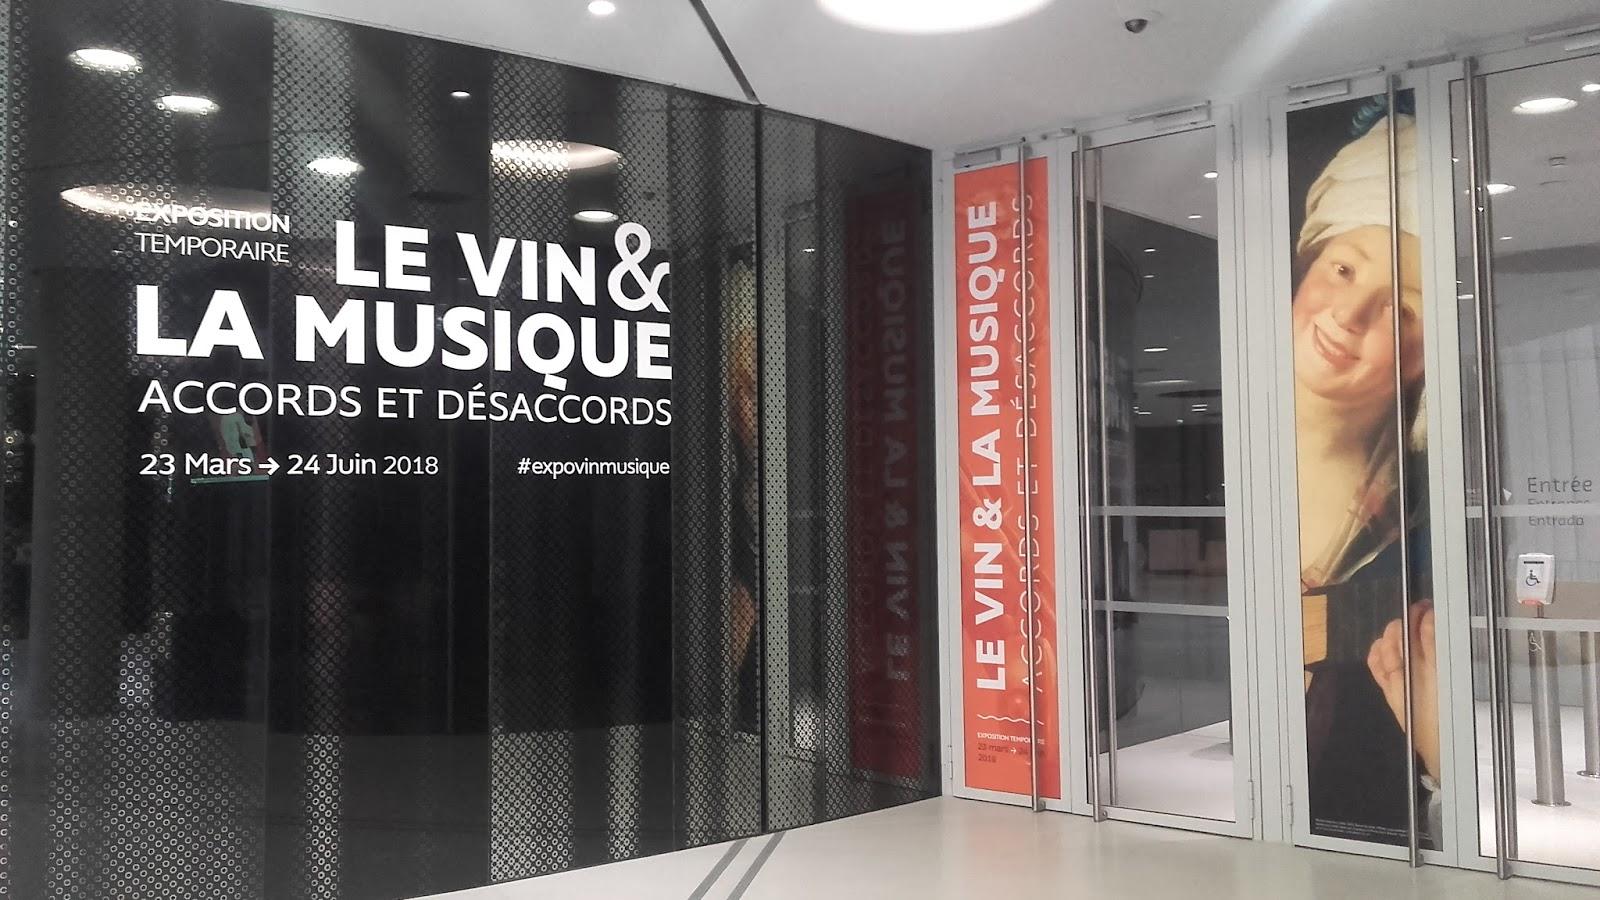 """Résultat de recherche d'images pour """"le vin et la musique expo cité du vin"""""""